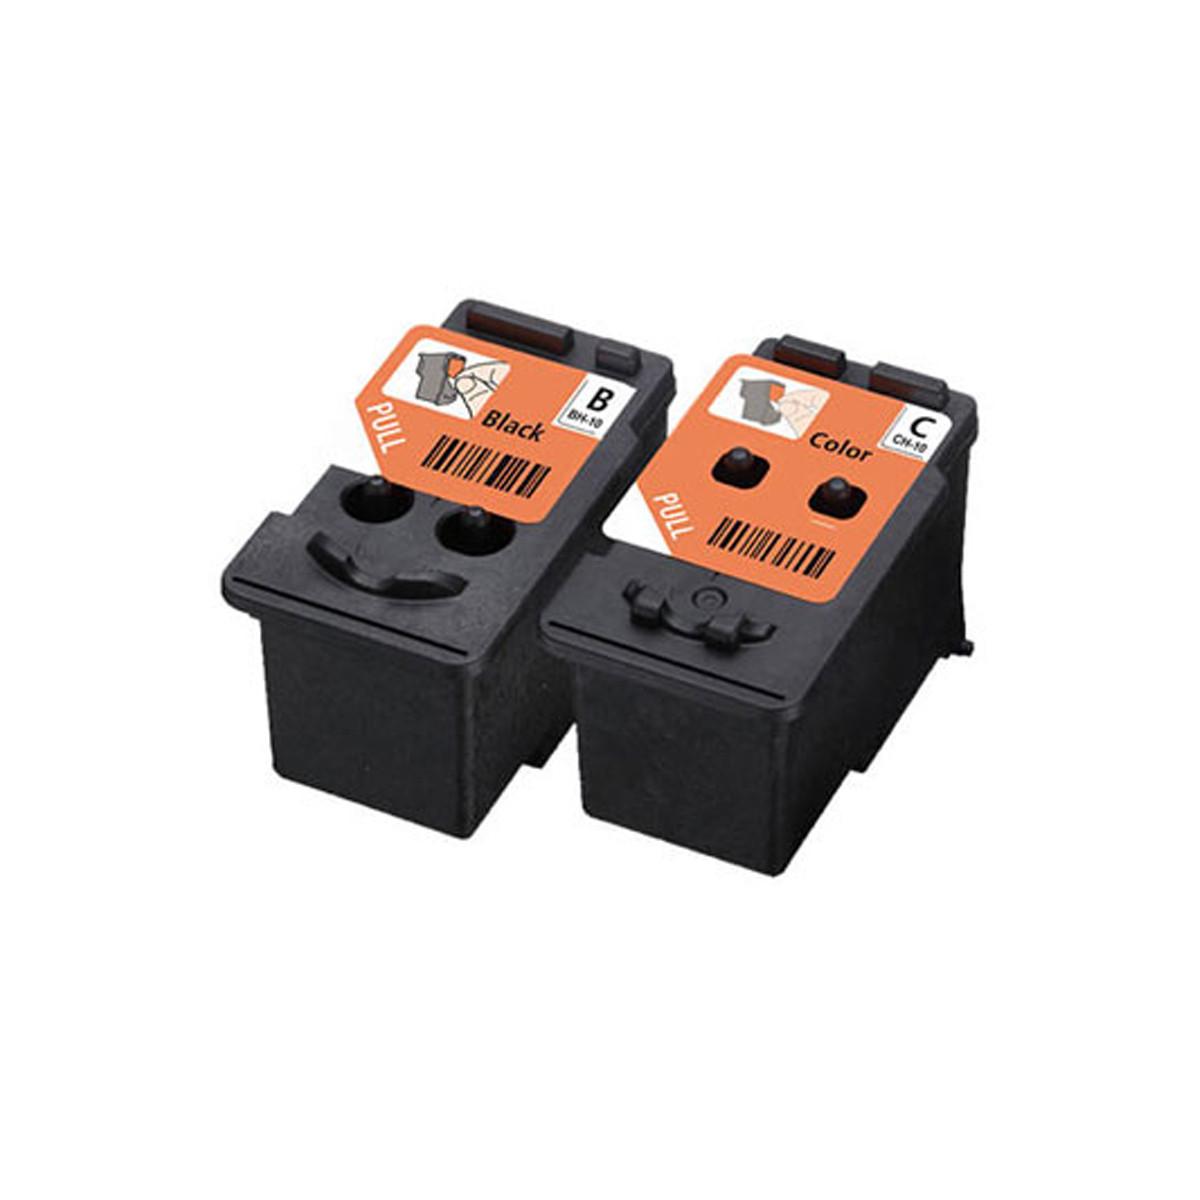 Kit Cabeça de Impressão Canon BH-10 CH-10 Preto e Colorido 3418C004AA   G6010 G7010 G3160   Original